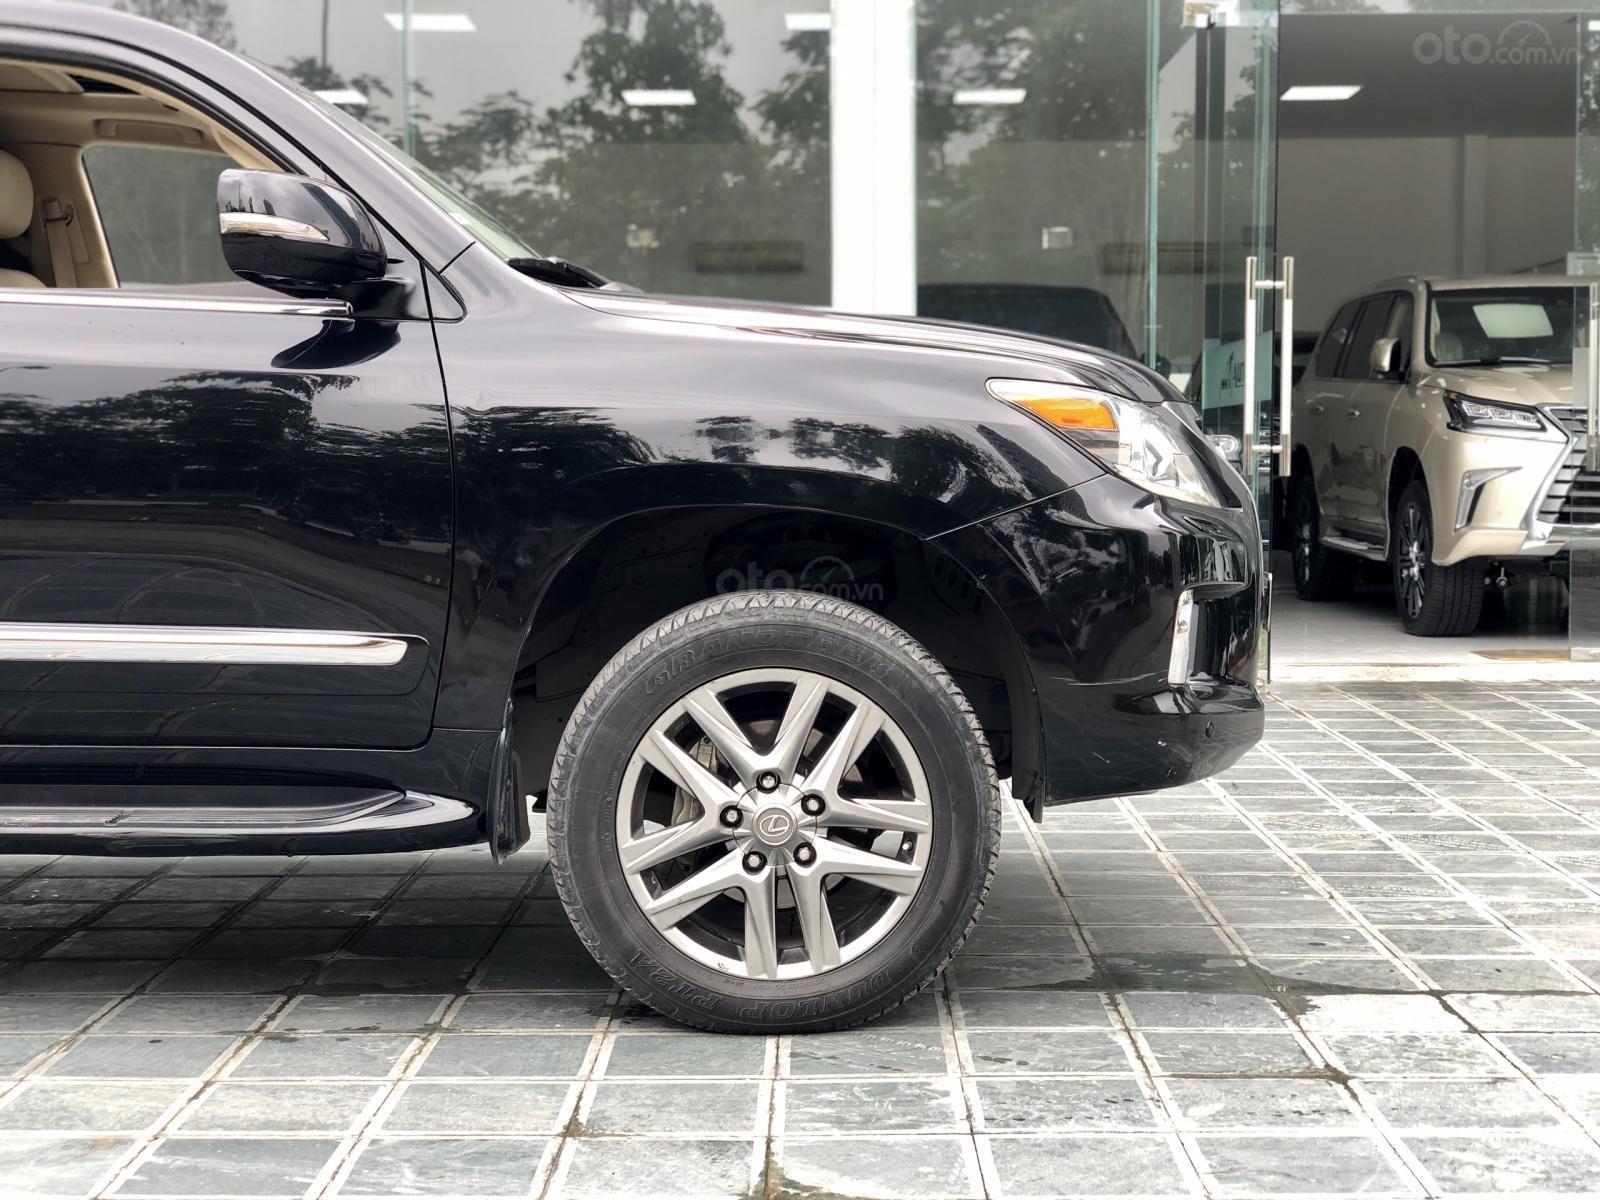 Bán xe Lexus LX 570 đã qua sử dụng SX 2014, màu đen. LH em Hương 0945392468-3